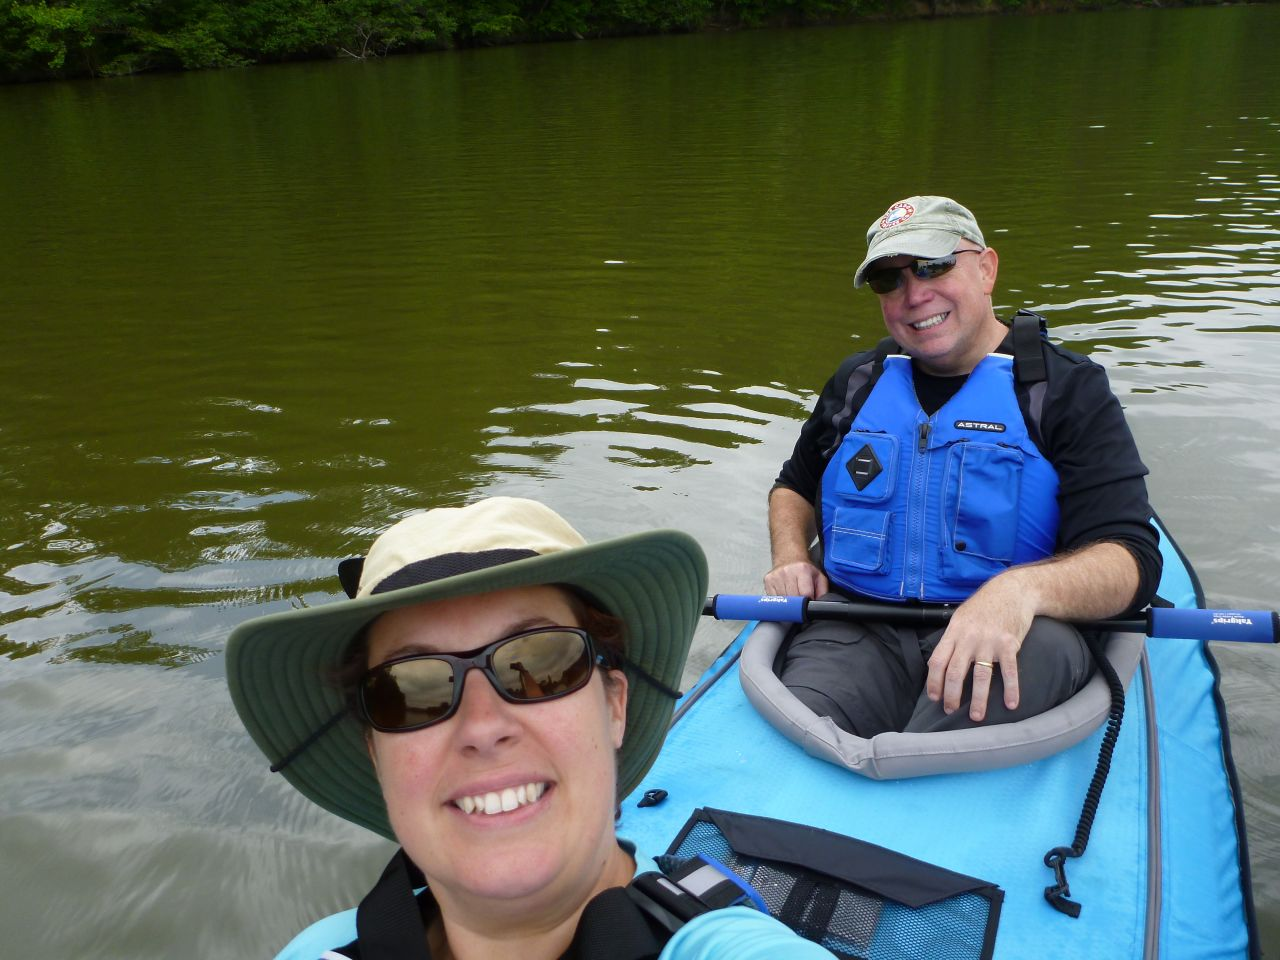 Enjoying The Kayak